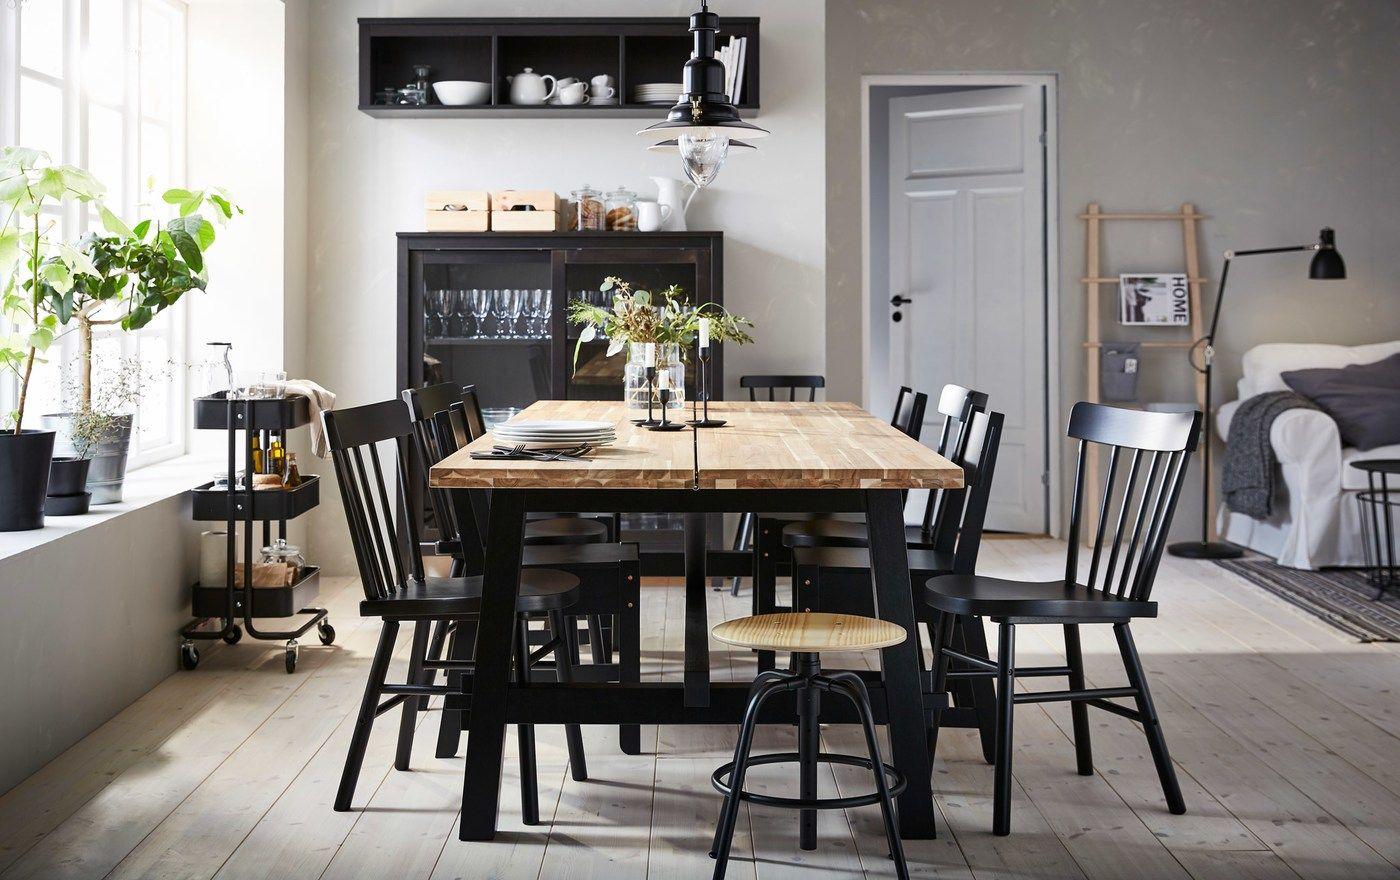 Une Table Qui Reunit Et Pour Longtemps Salle A Manger Ikea Salle A Manger Beige Table Salle A Manger